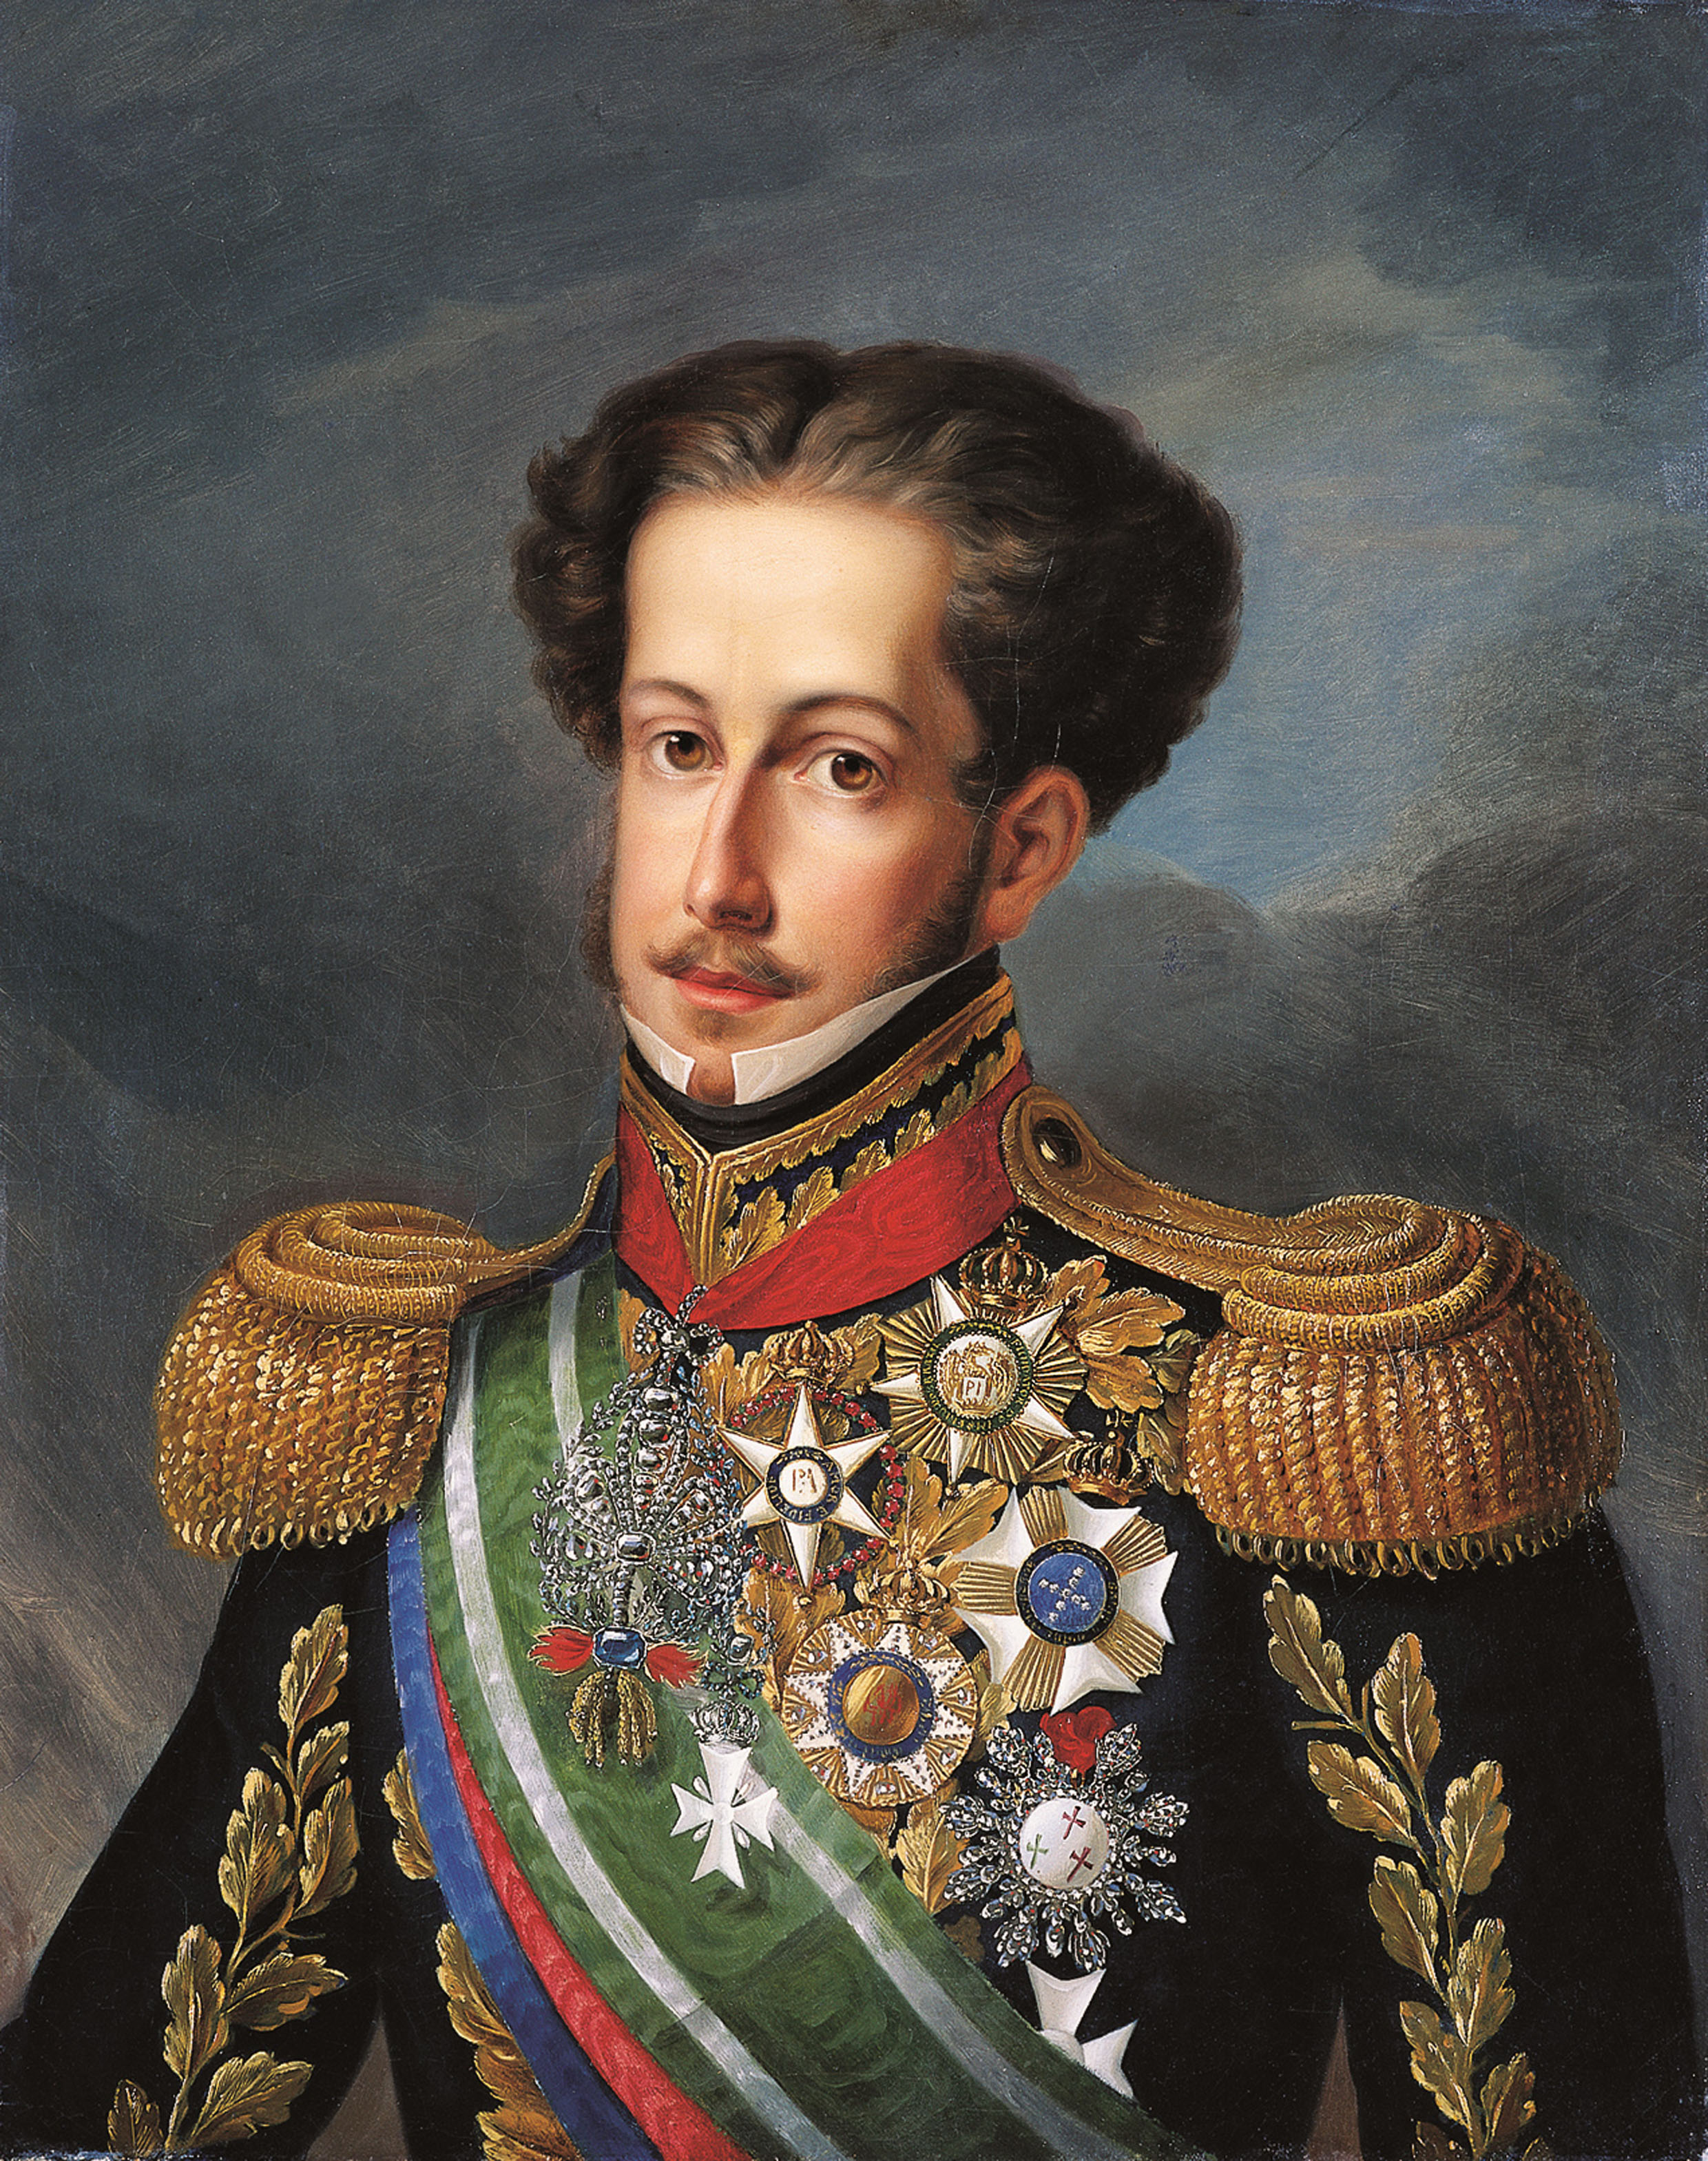 Depiction of Pedro I de Brasil y IV de Portugal